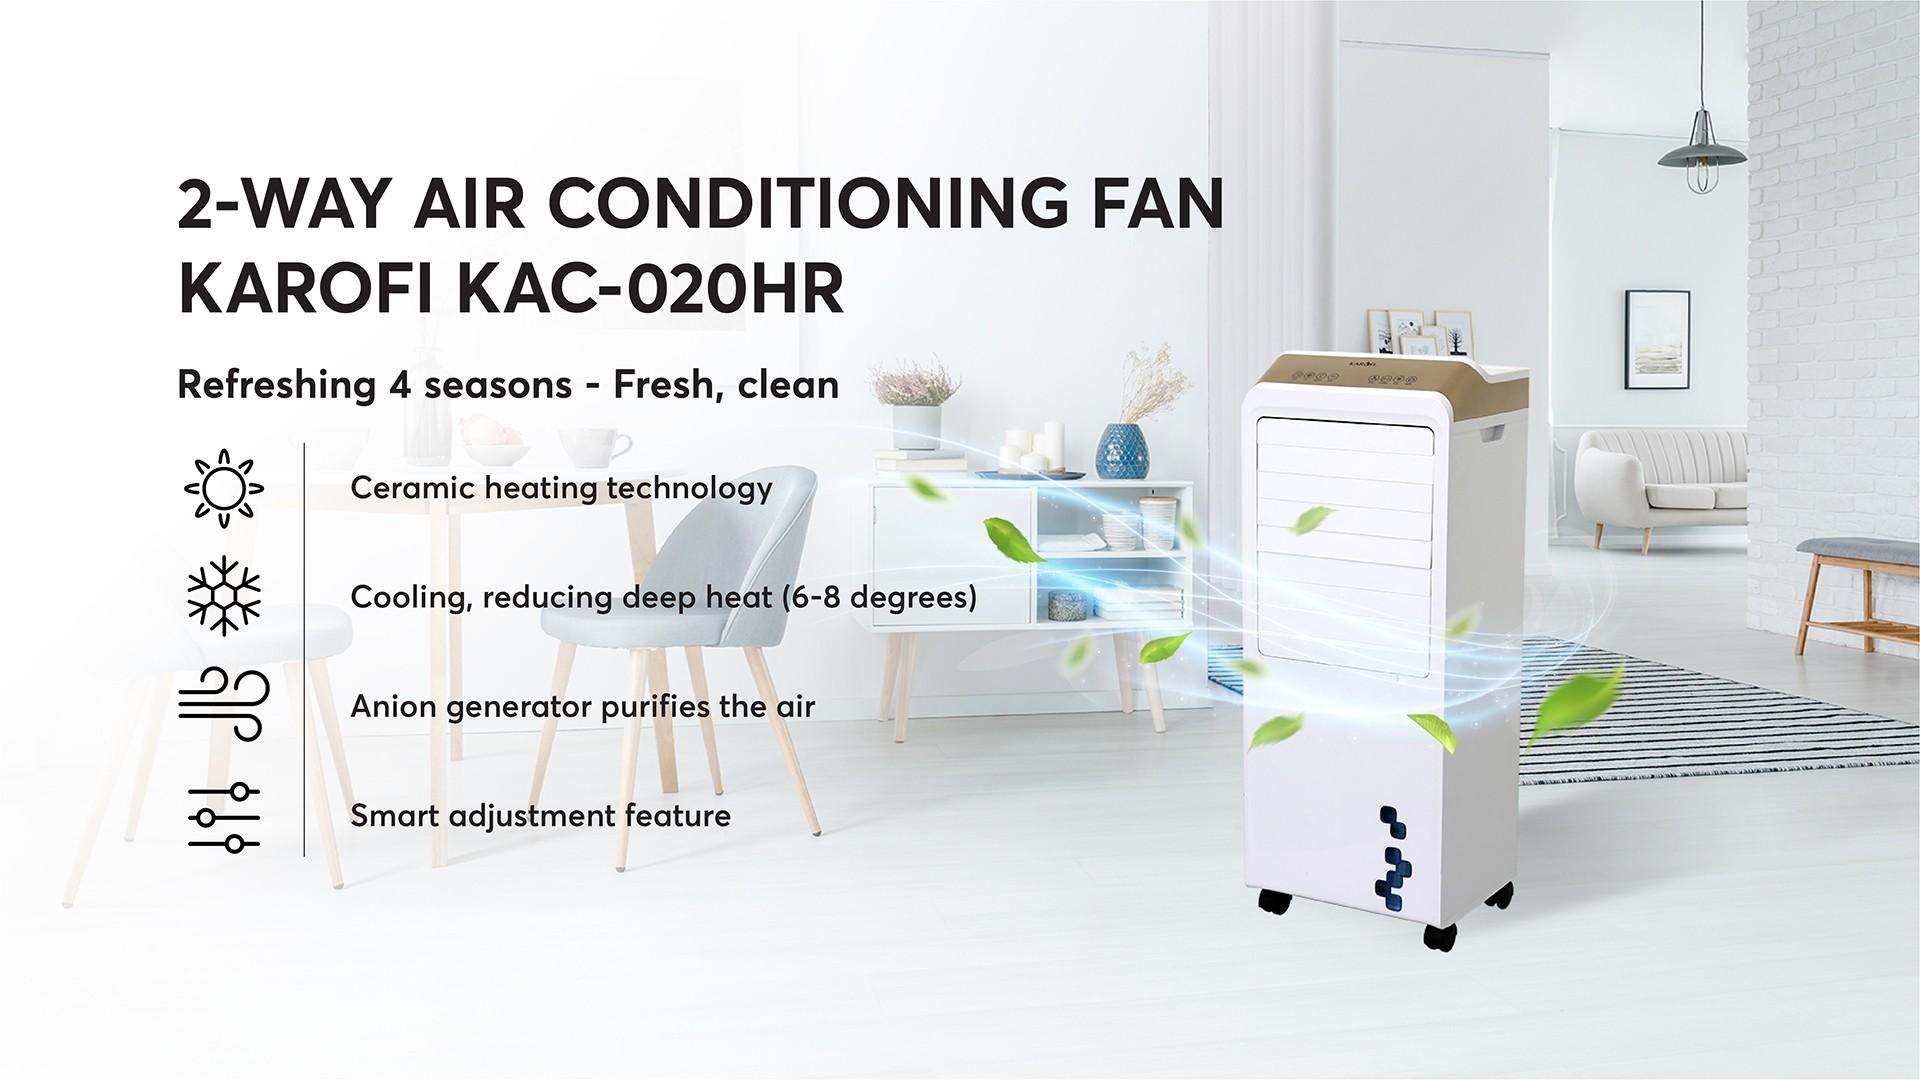 2-way-air-conditioning-fan-karofi-kac-020hr-1